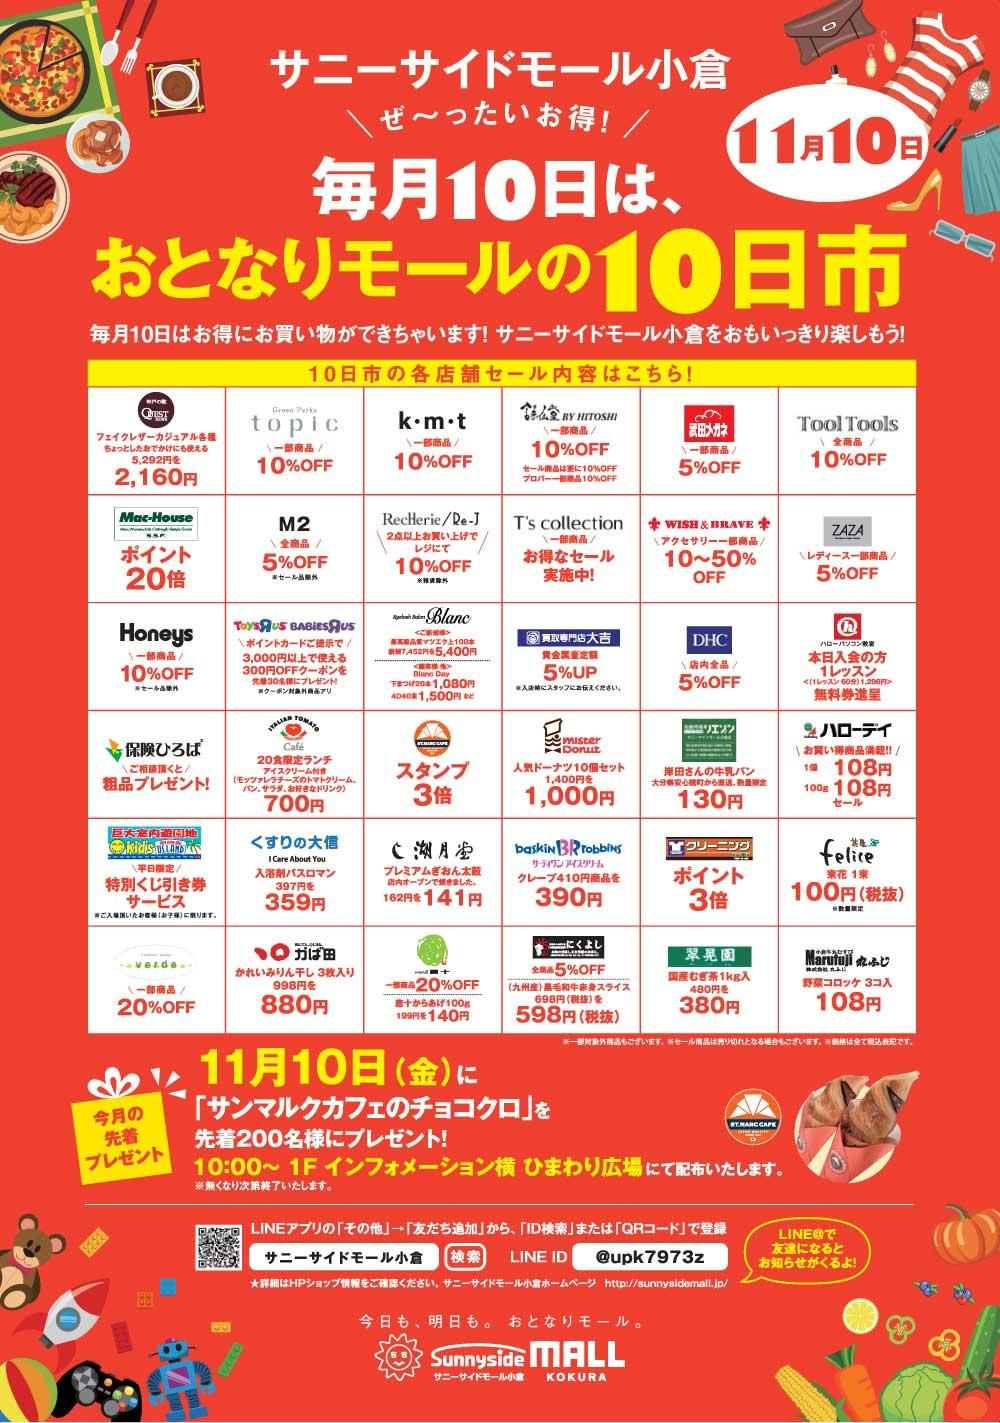 1106_SSM_10kaichi_ichiran_B1